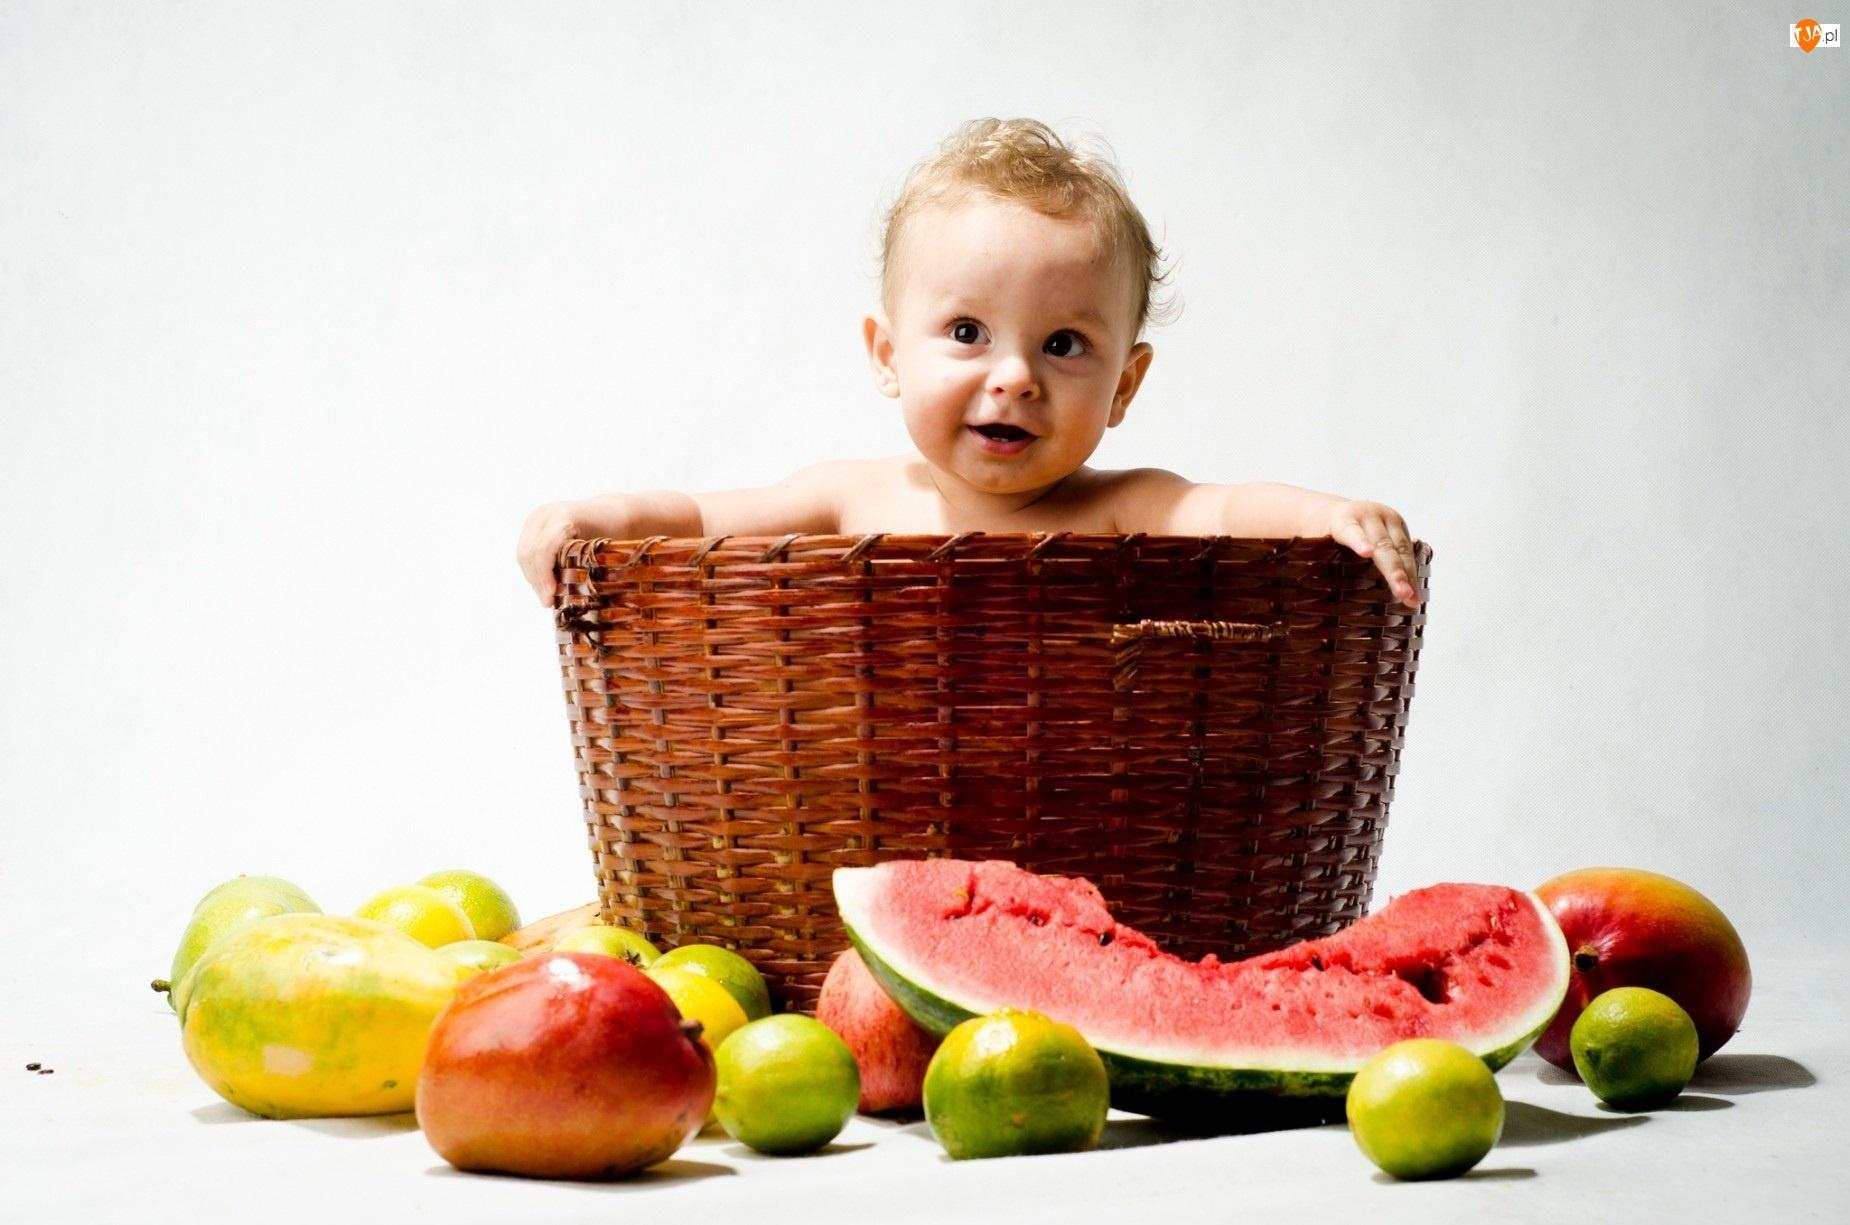 Owoce, Kosz, Dziecko